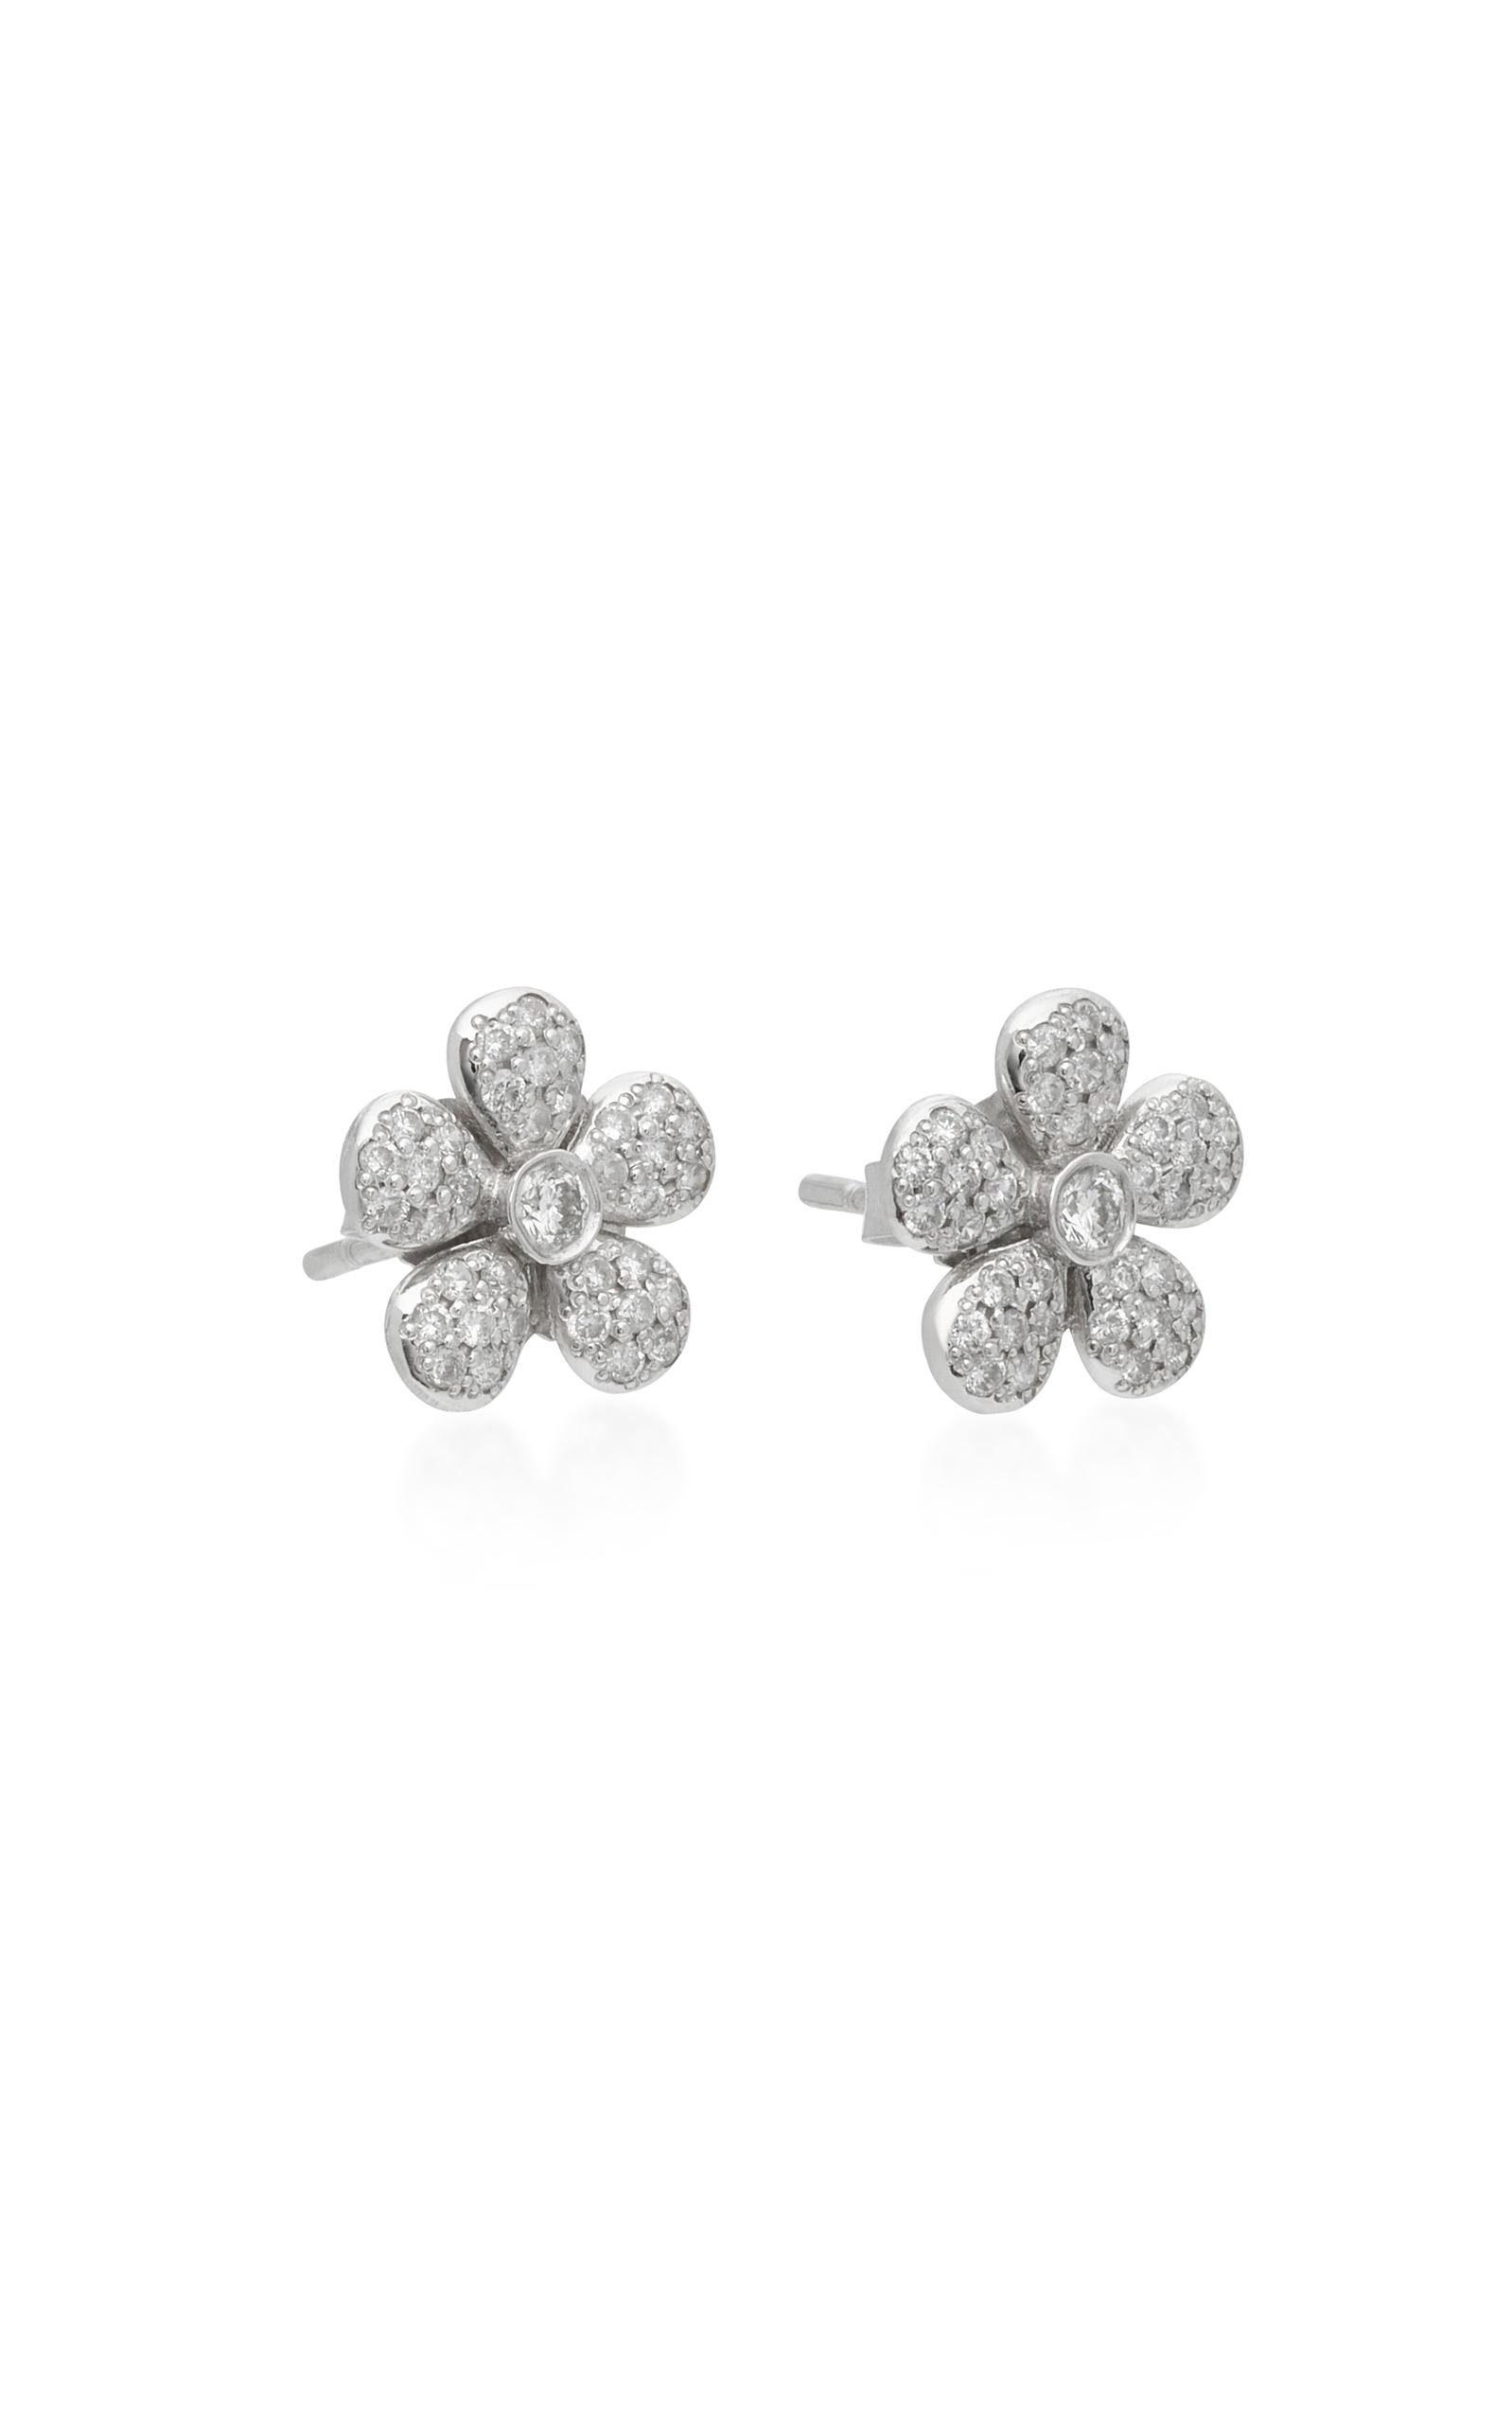 Colette Jewelry Earrings